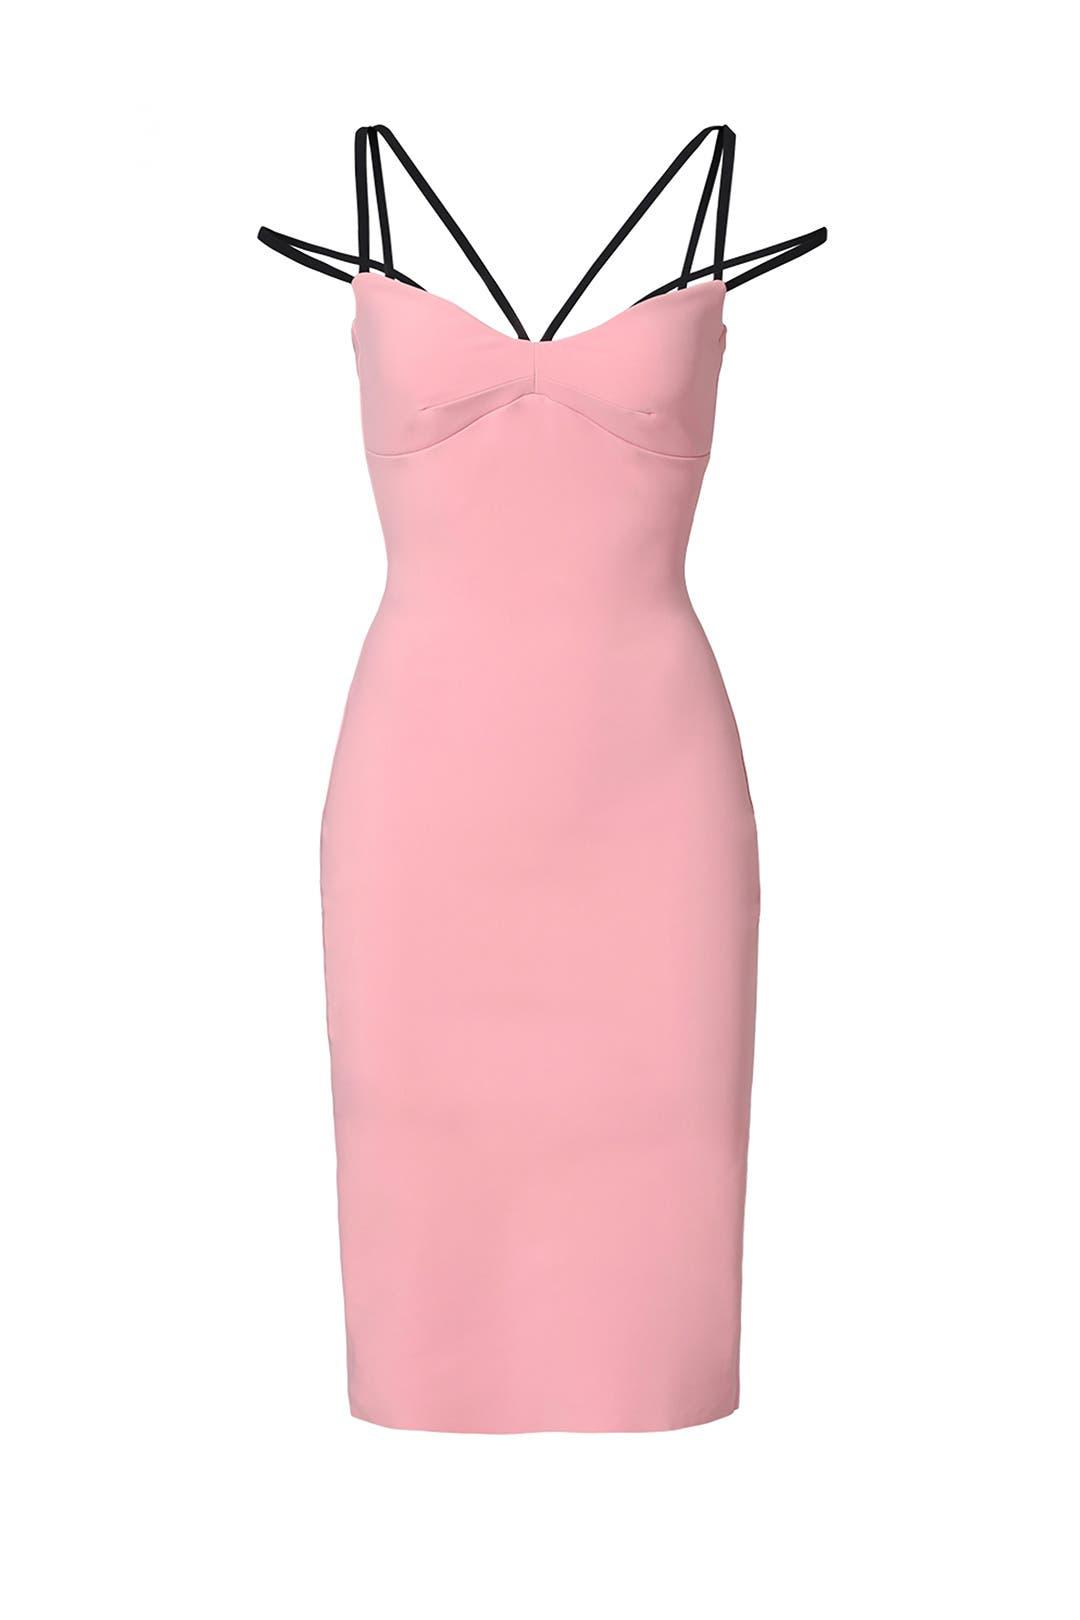 Pink Brie Dress by La Petite Robe di Chiara Boni for $95 - $105 ...